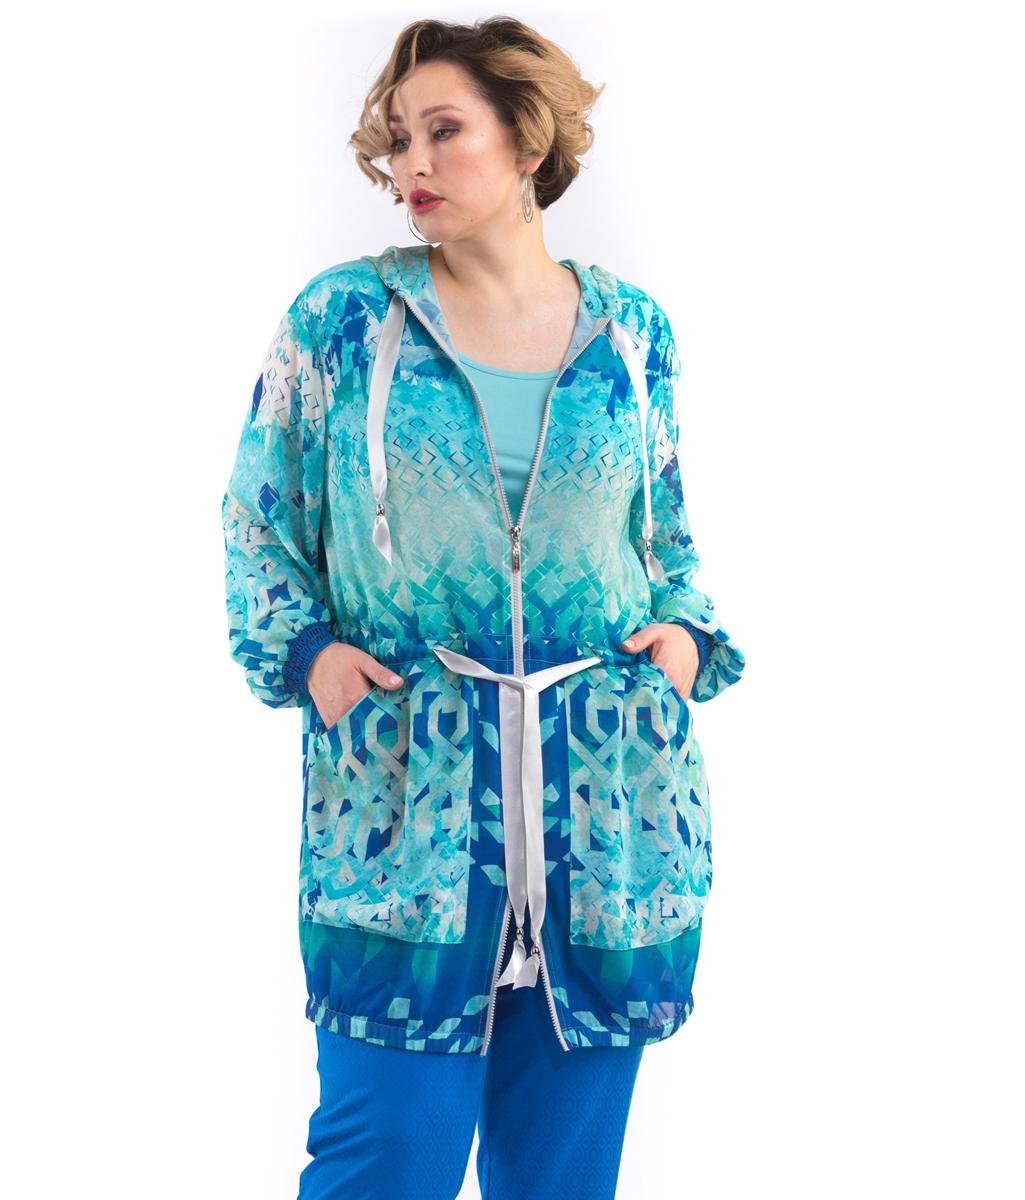 Куртка женская Averi, цвет: бирюзовый. 1402. Размер 64 (66) блузка женская averi цвет голубой 1440 размер 50 52